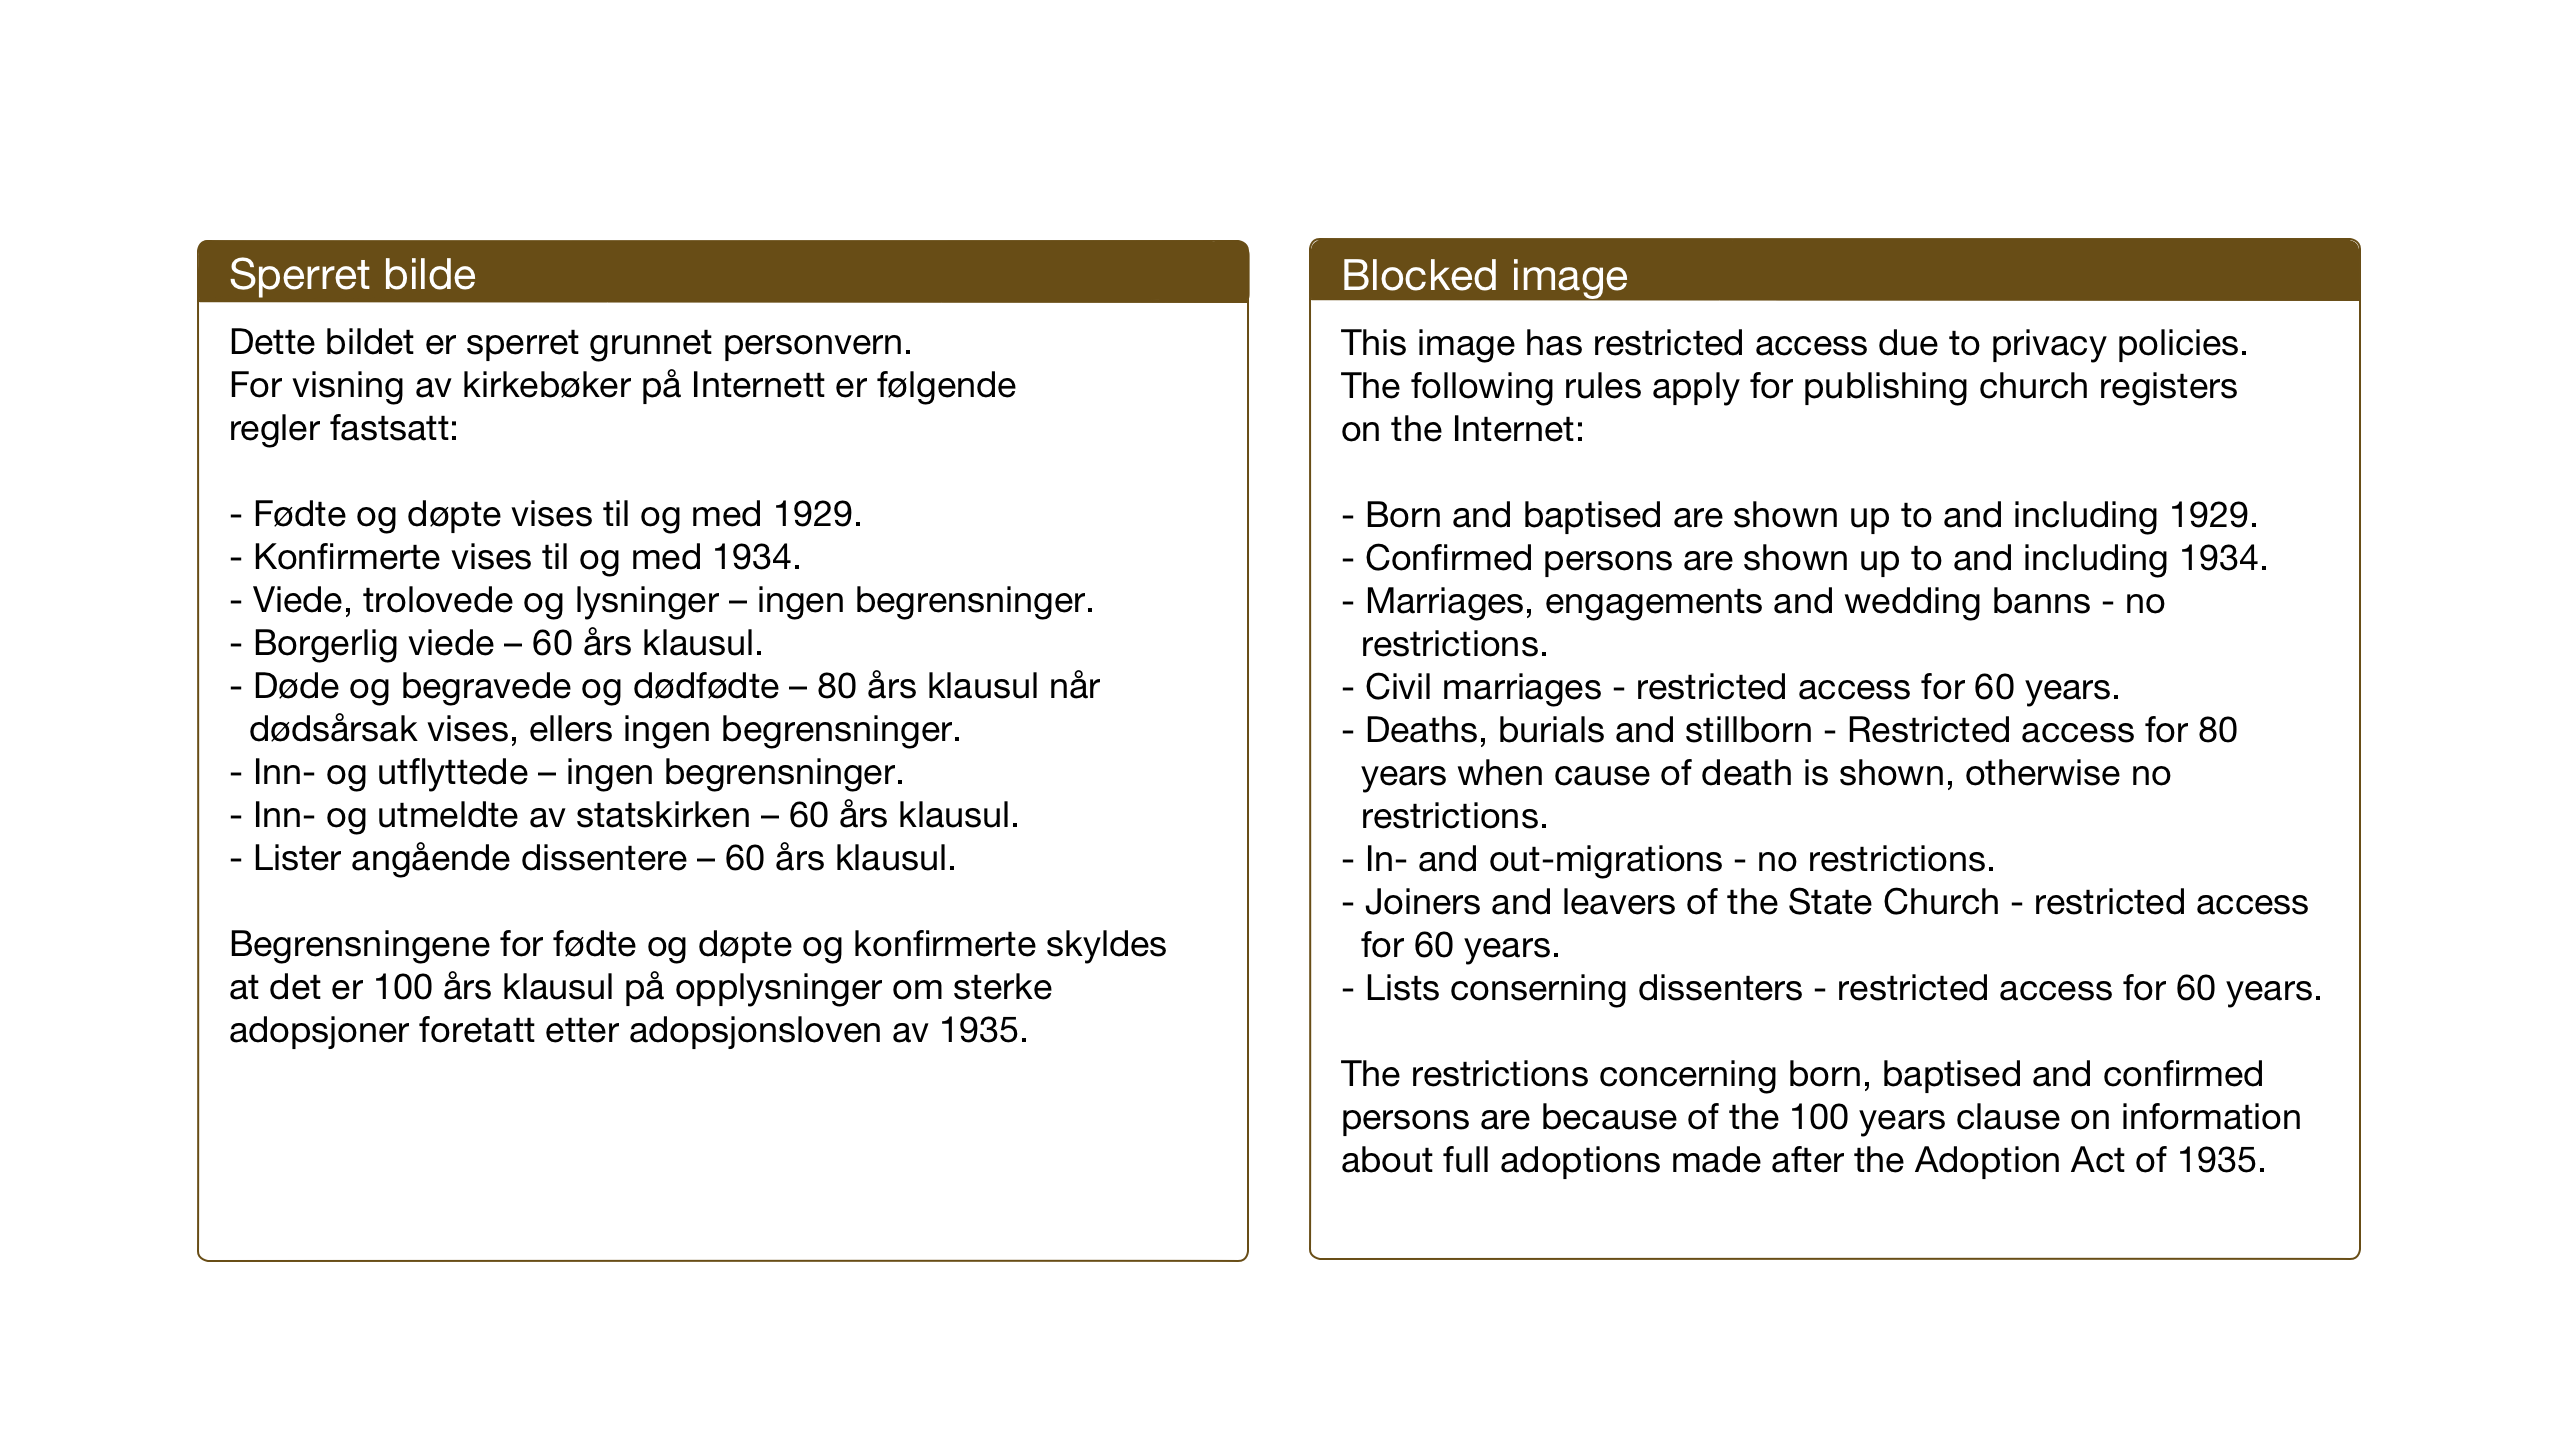 SAT, Ministerialprotokoller, klokkerbøker og fødselsregistre - Nord-Trøndelag, 710/L0097: Klokkerbok nr. 710C02, 1925-1955, s. 40